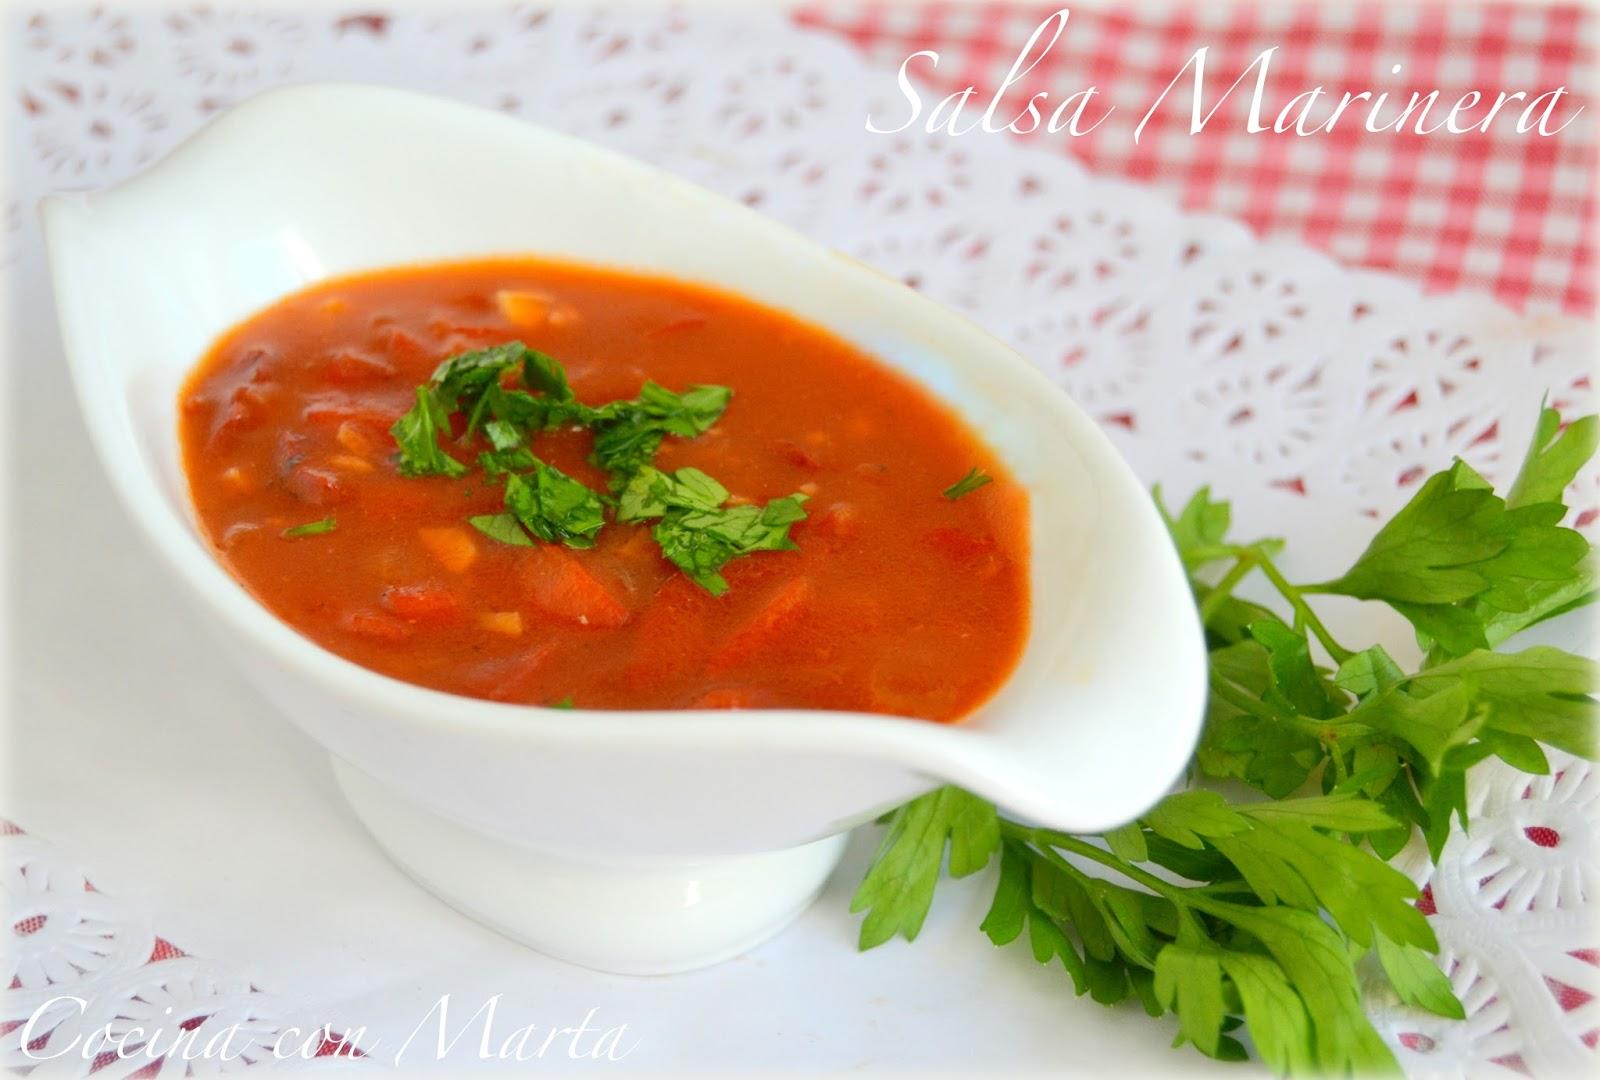 Receta casera de salsa marinera. Fácil, rápida, para pescados y pastas.